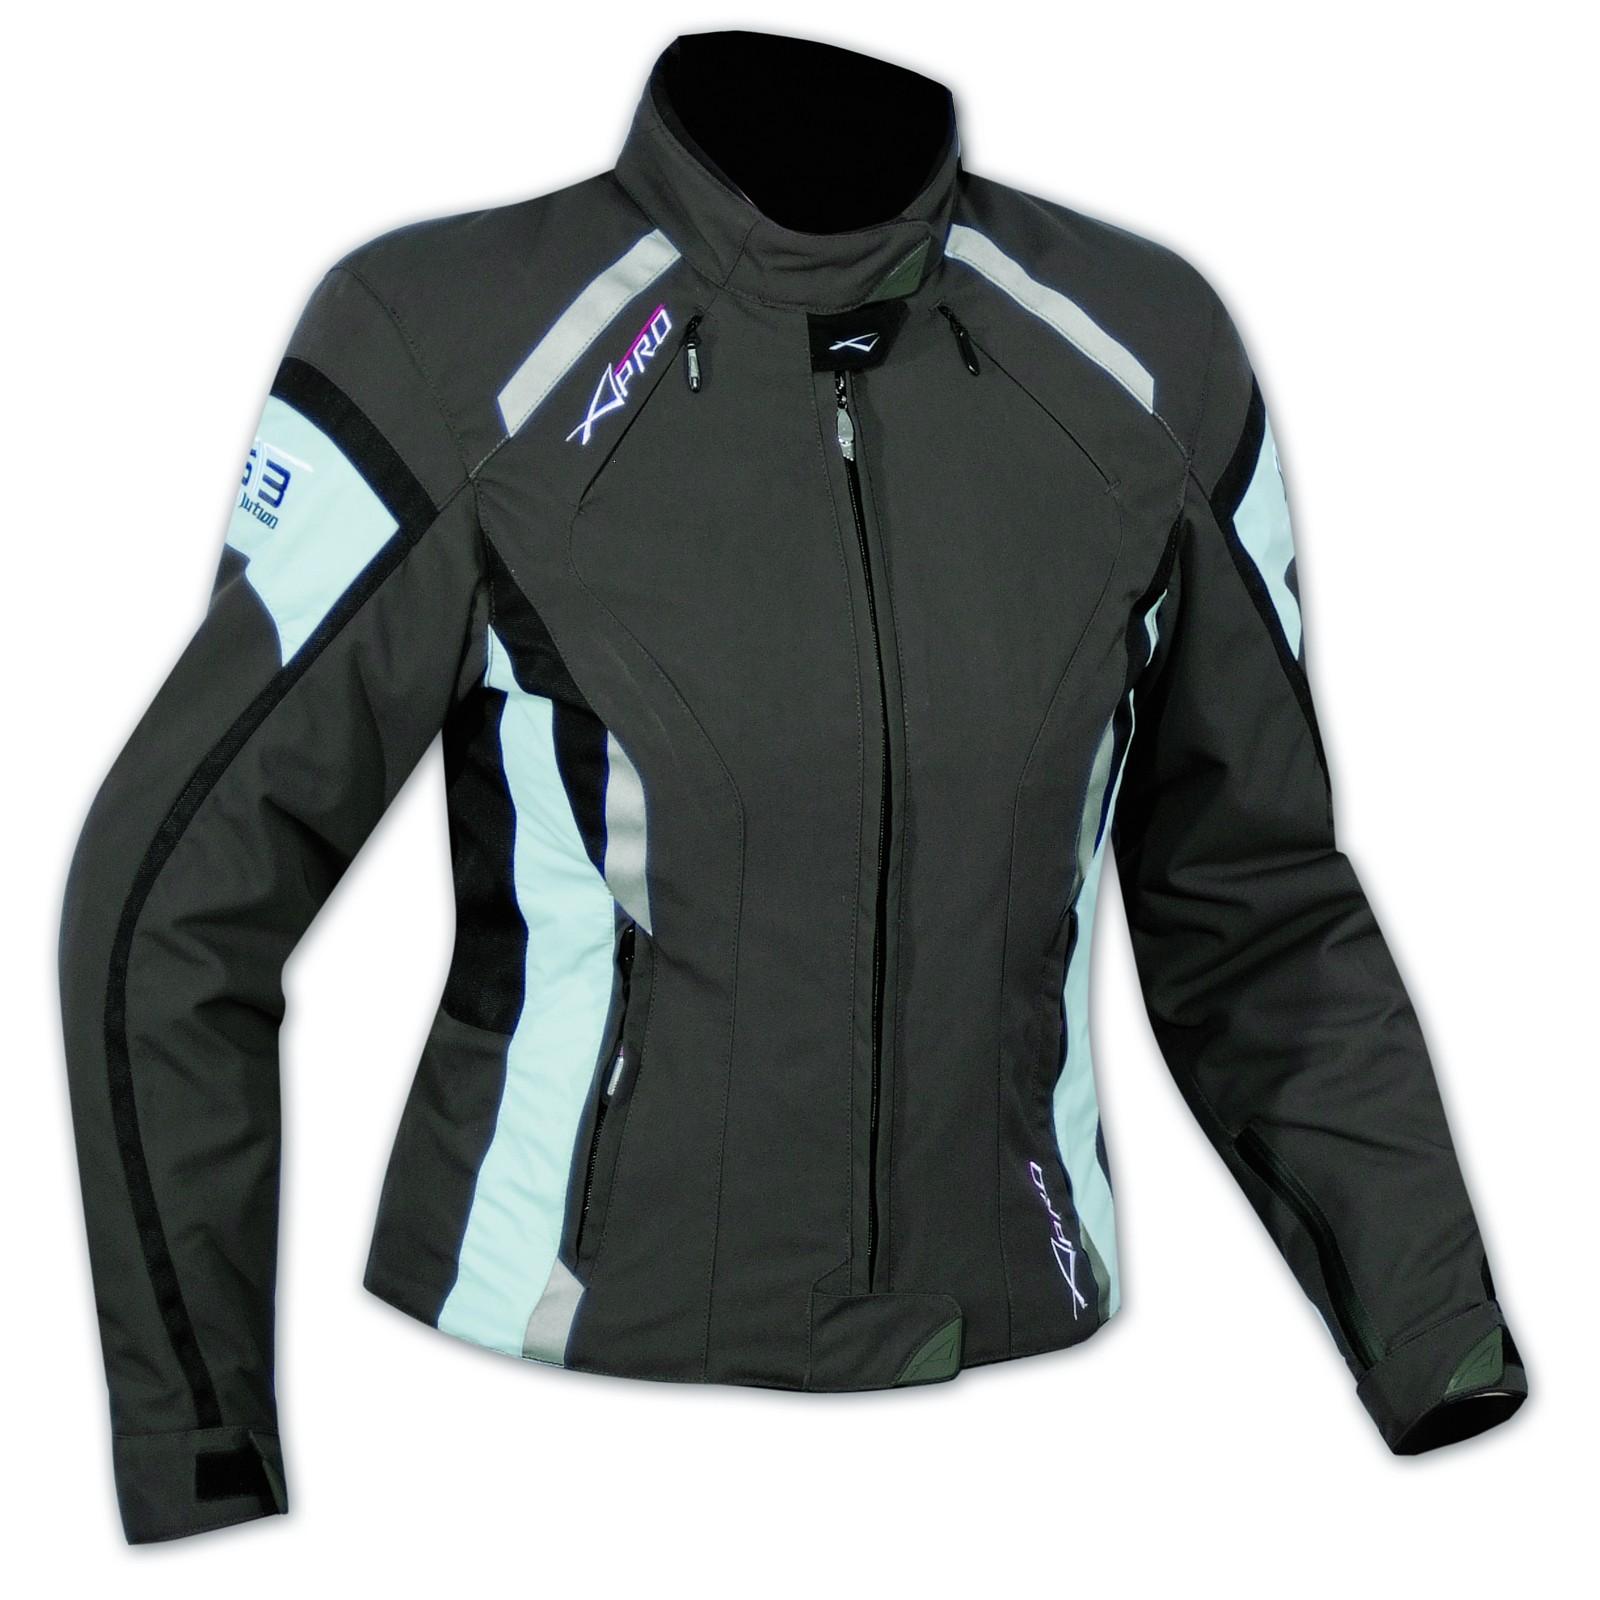 Moto Donna 4 Impermeabile Giacca Abbigliamento Accessori Moto e nxSfCSITq